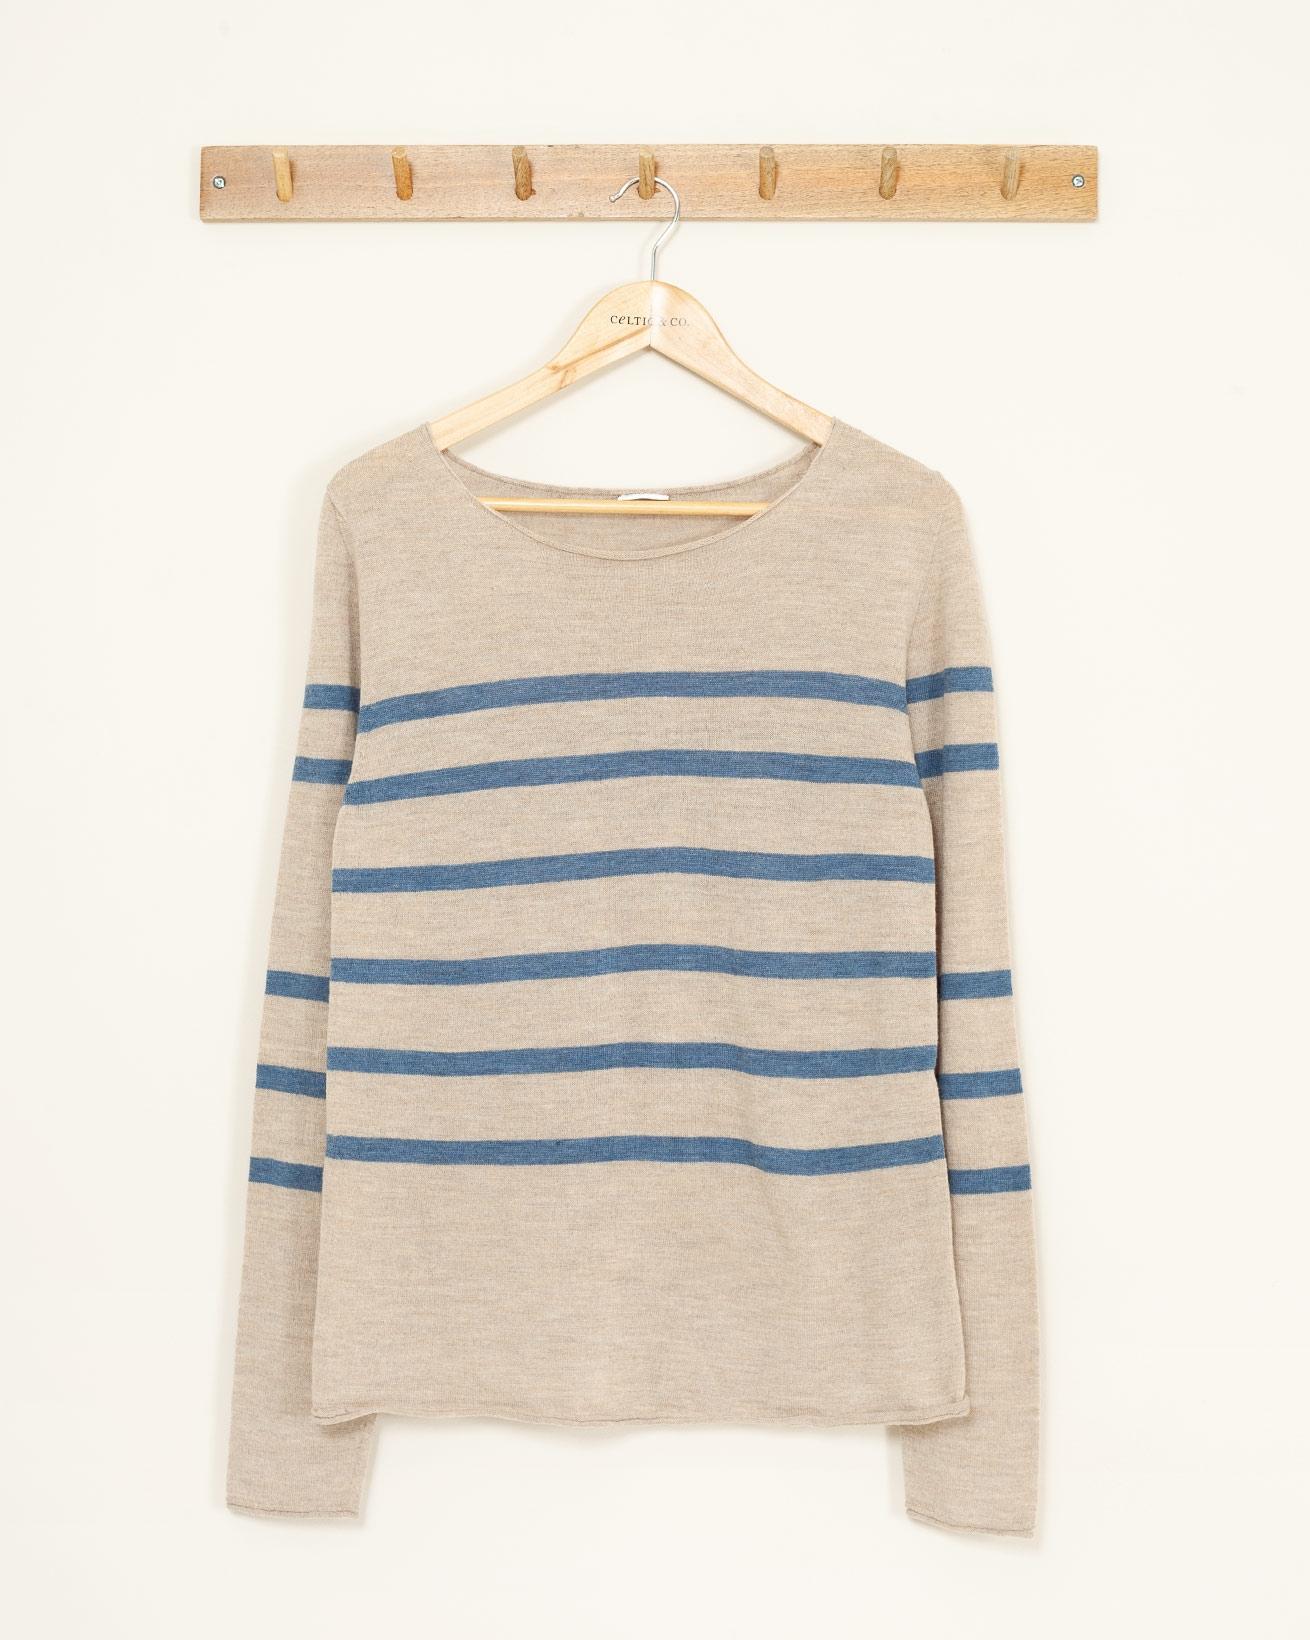 Fine Knit Merino Crew Neck - Small - Oatmeal/Denim - 1068